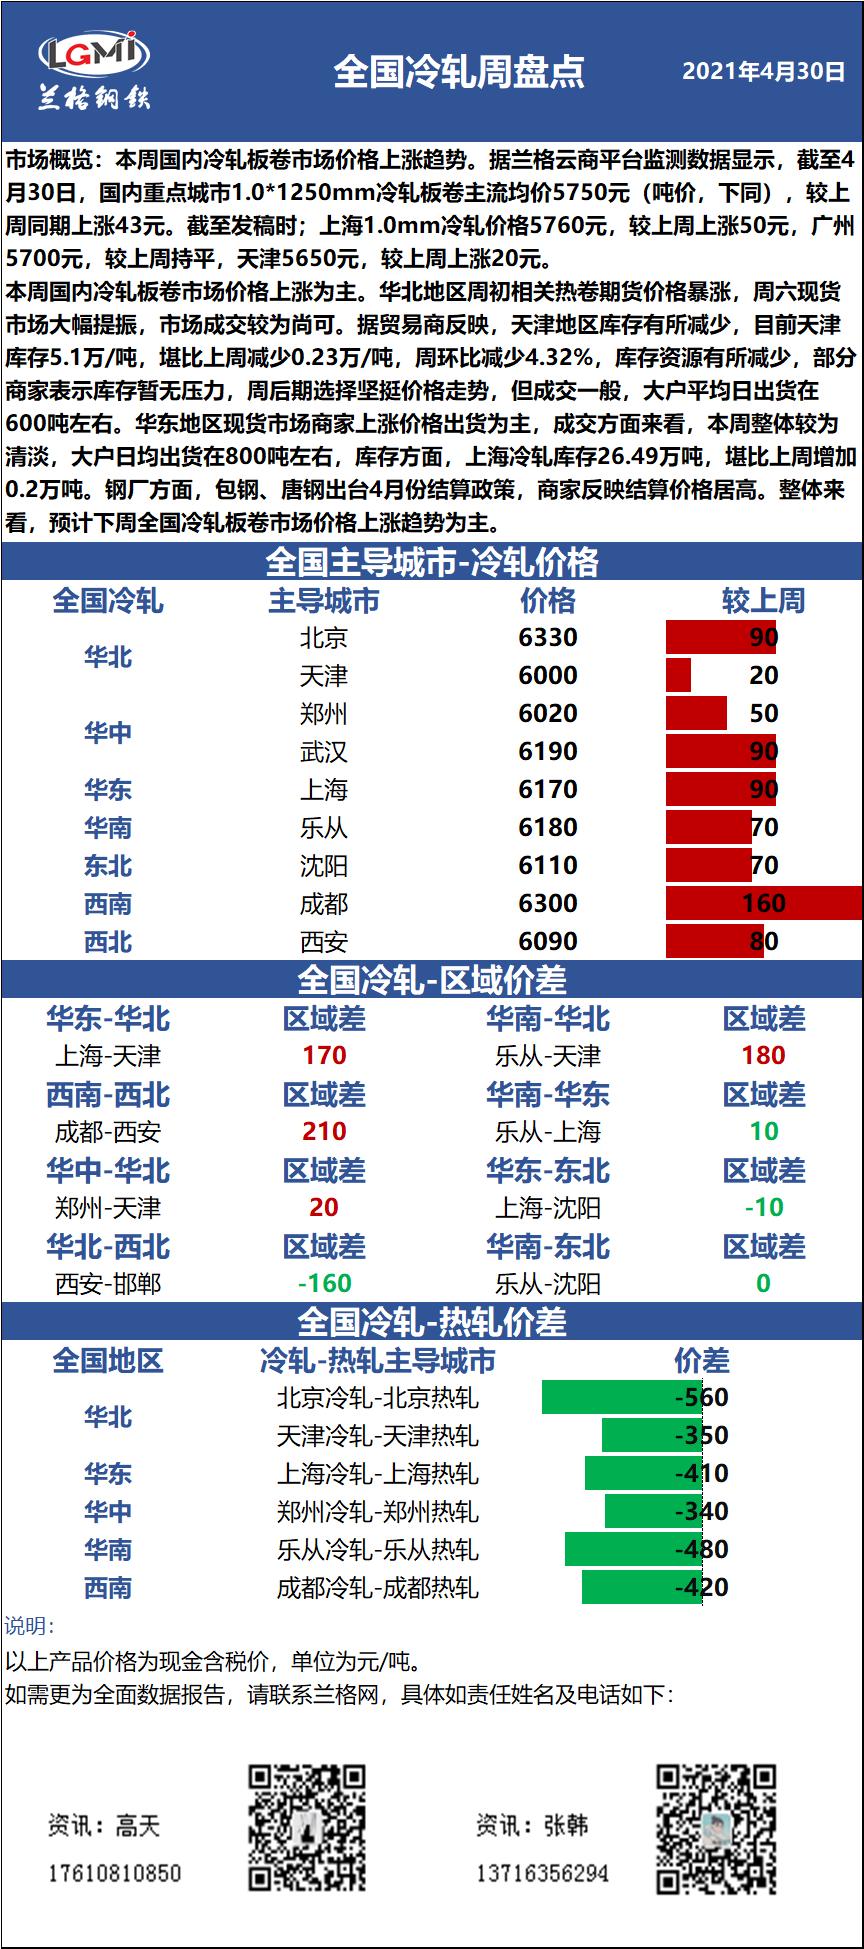 兰格冷轧板卷周盘点:冷轧价格上涨运行 下周继续上行